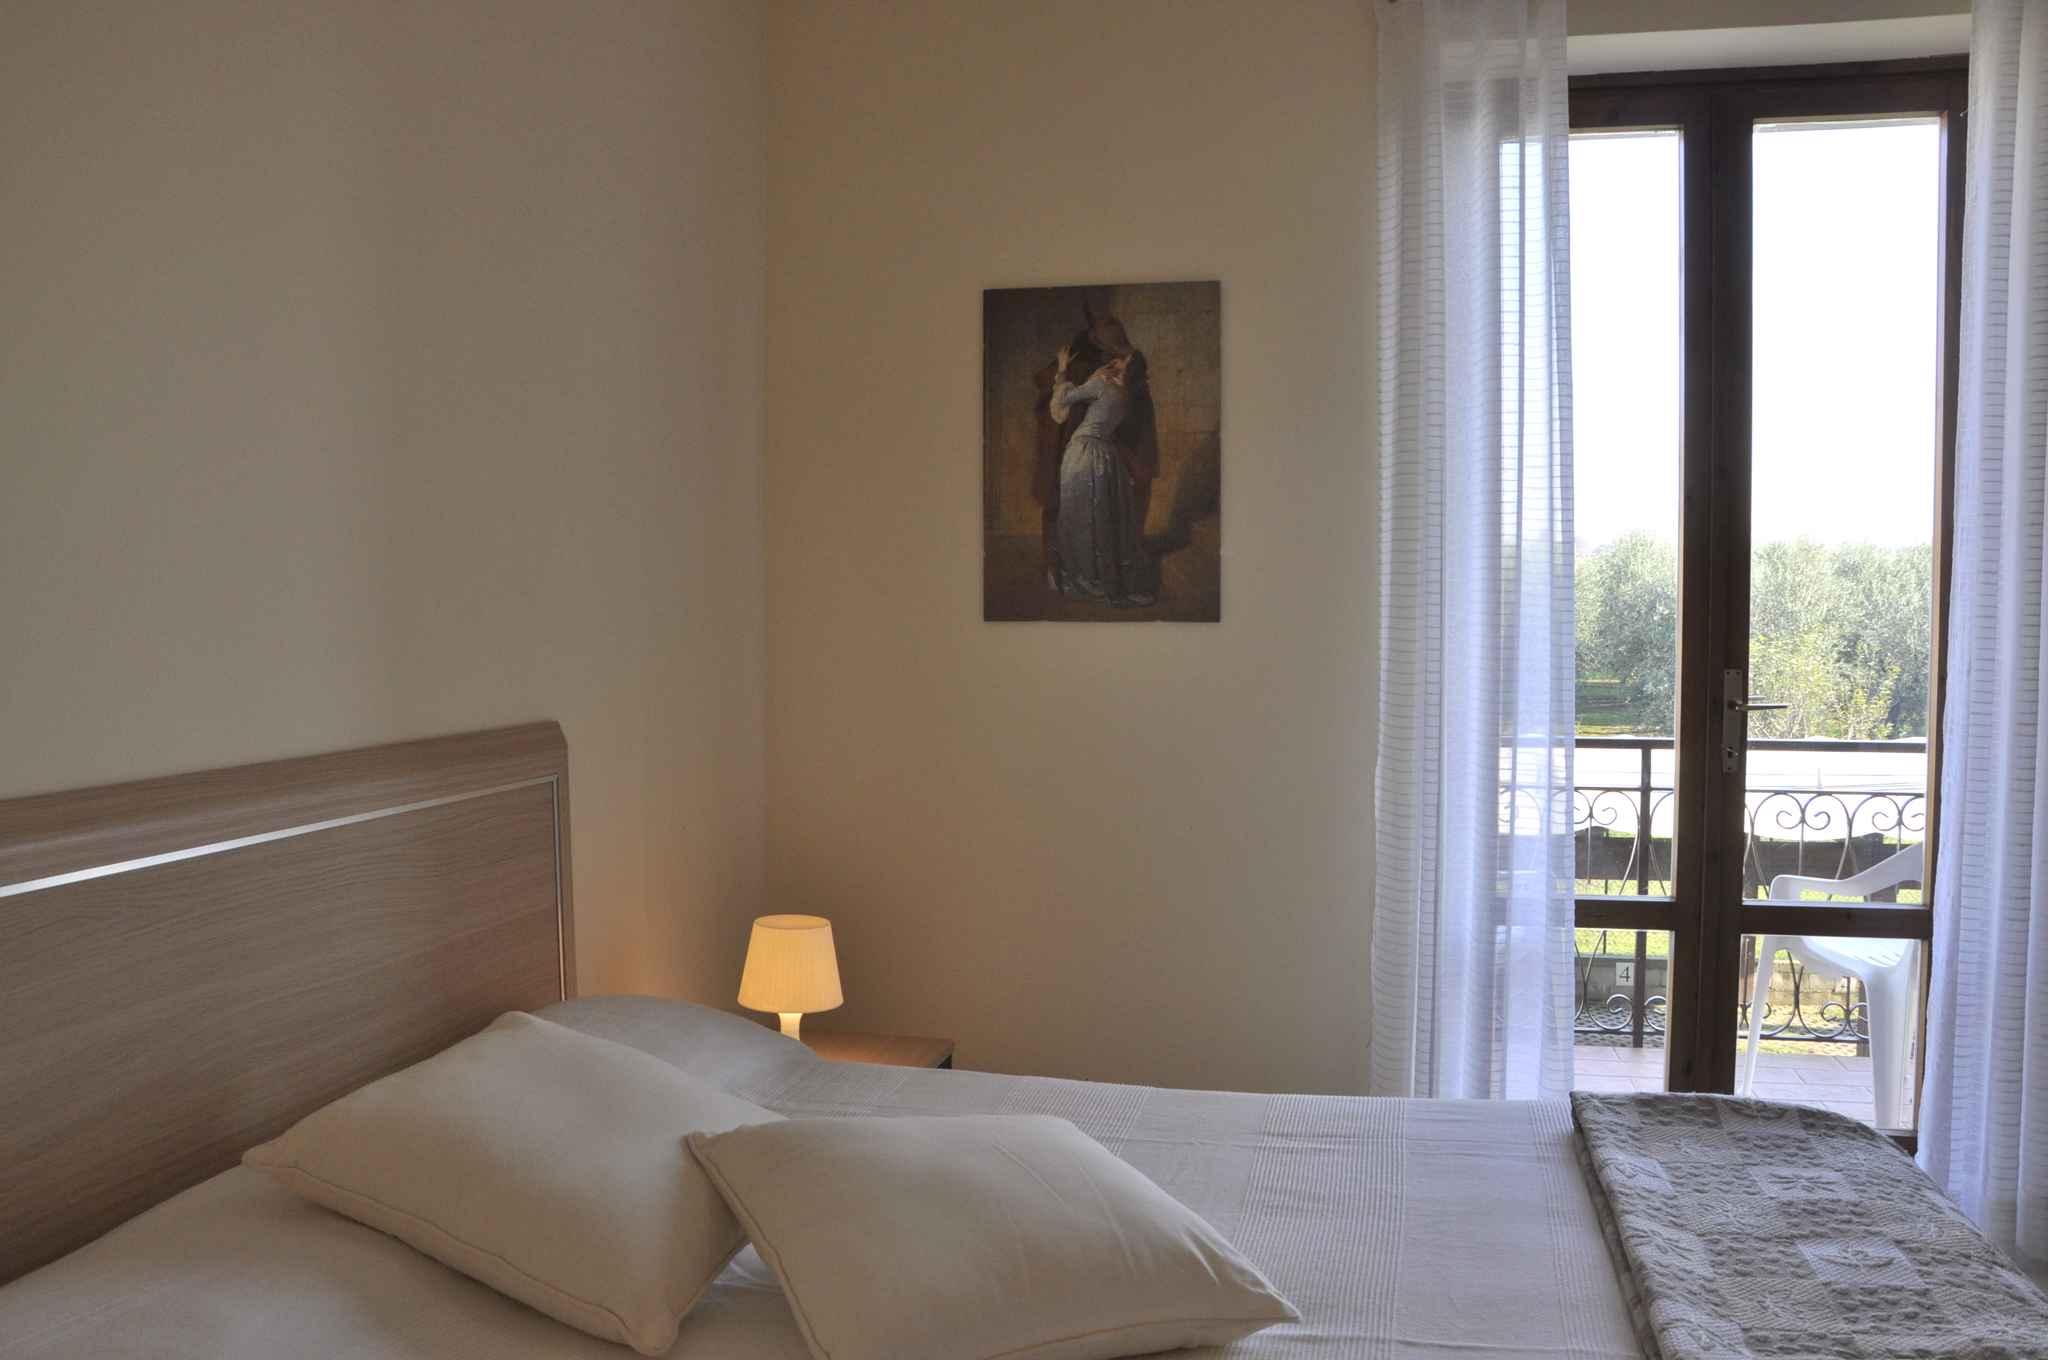 Ferienwohnung con piscina (279614), Lazise, Gardasee, Venetien, Italien, Bild 12